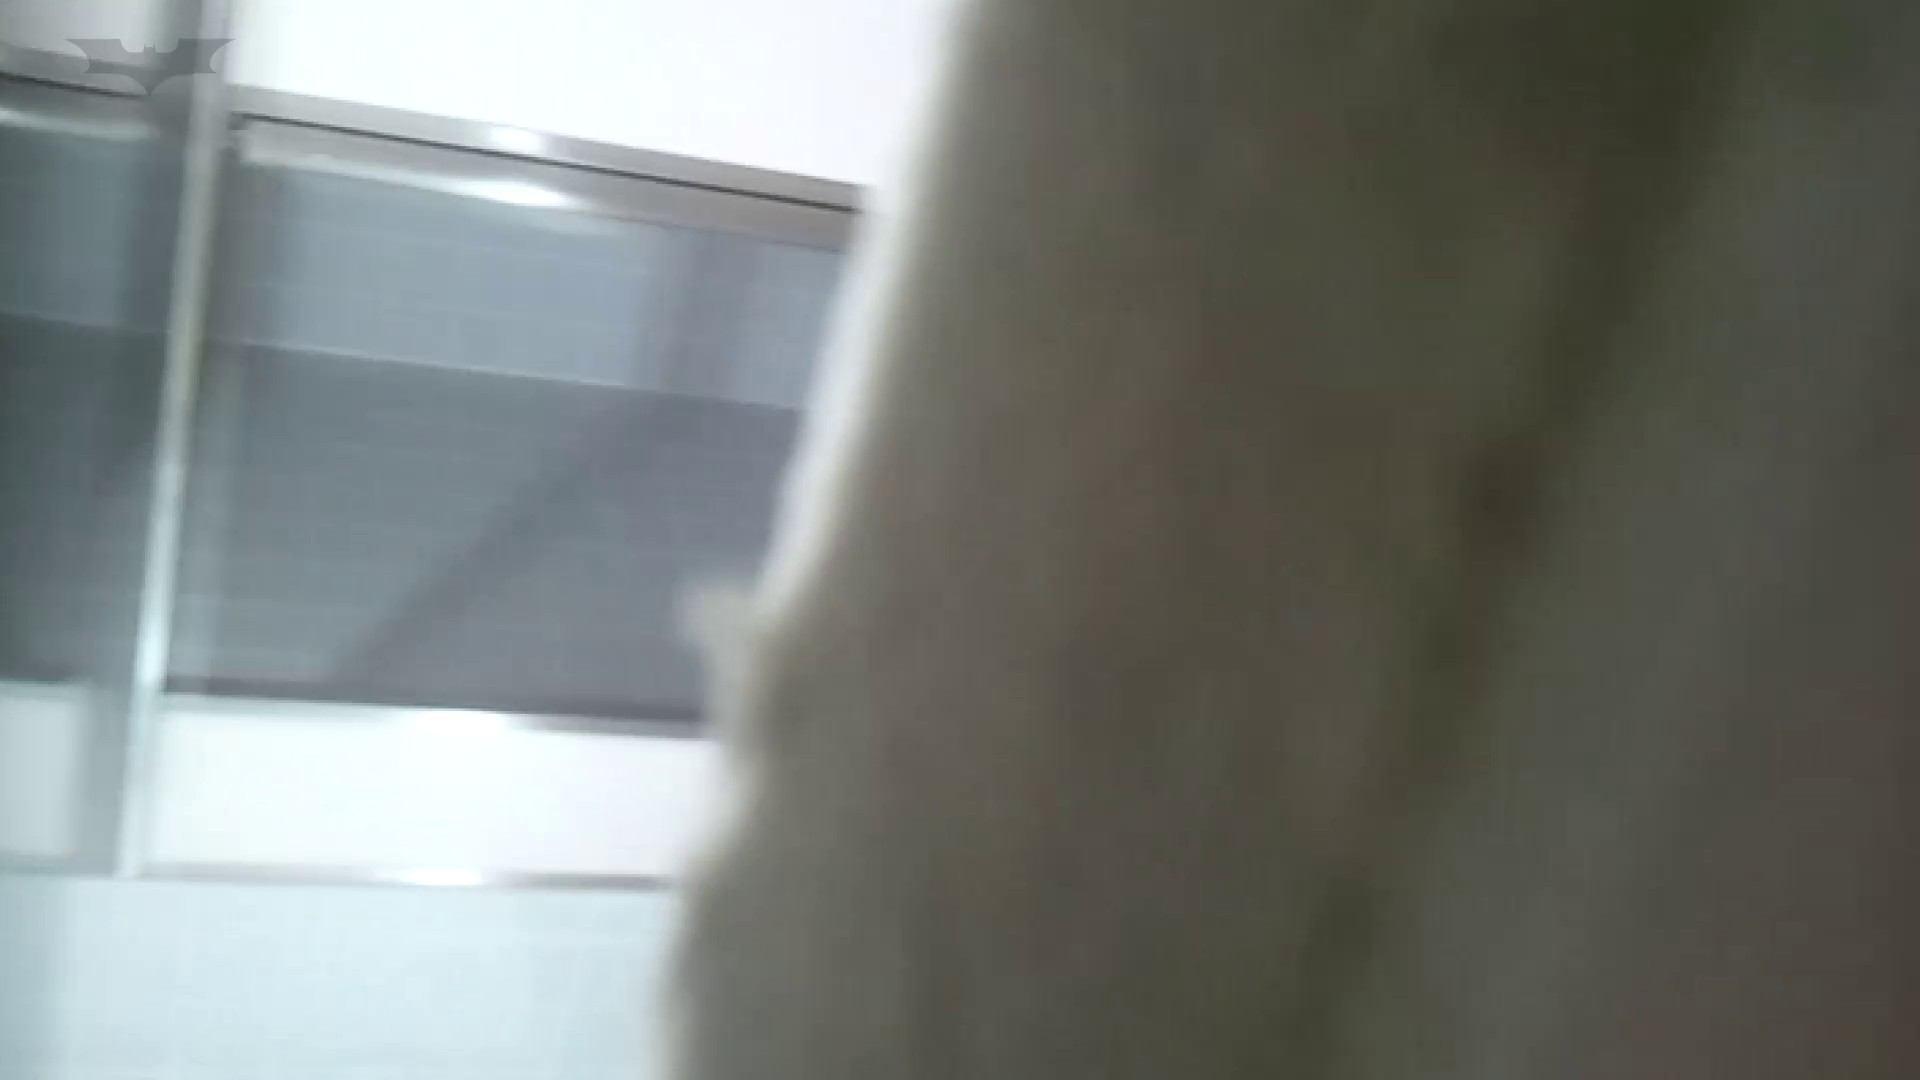 化粧室絵巻 番外編 VOL.21 むっちりガール AV無料動画キャプチャ 102枚 20